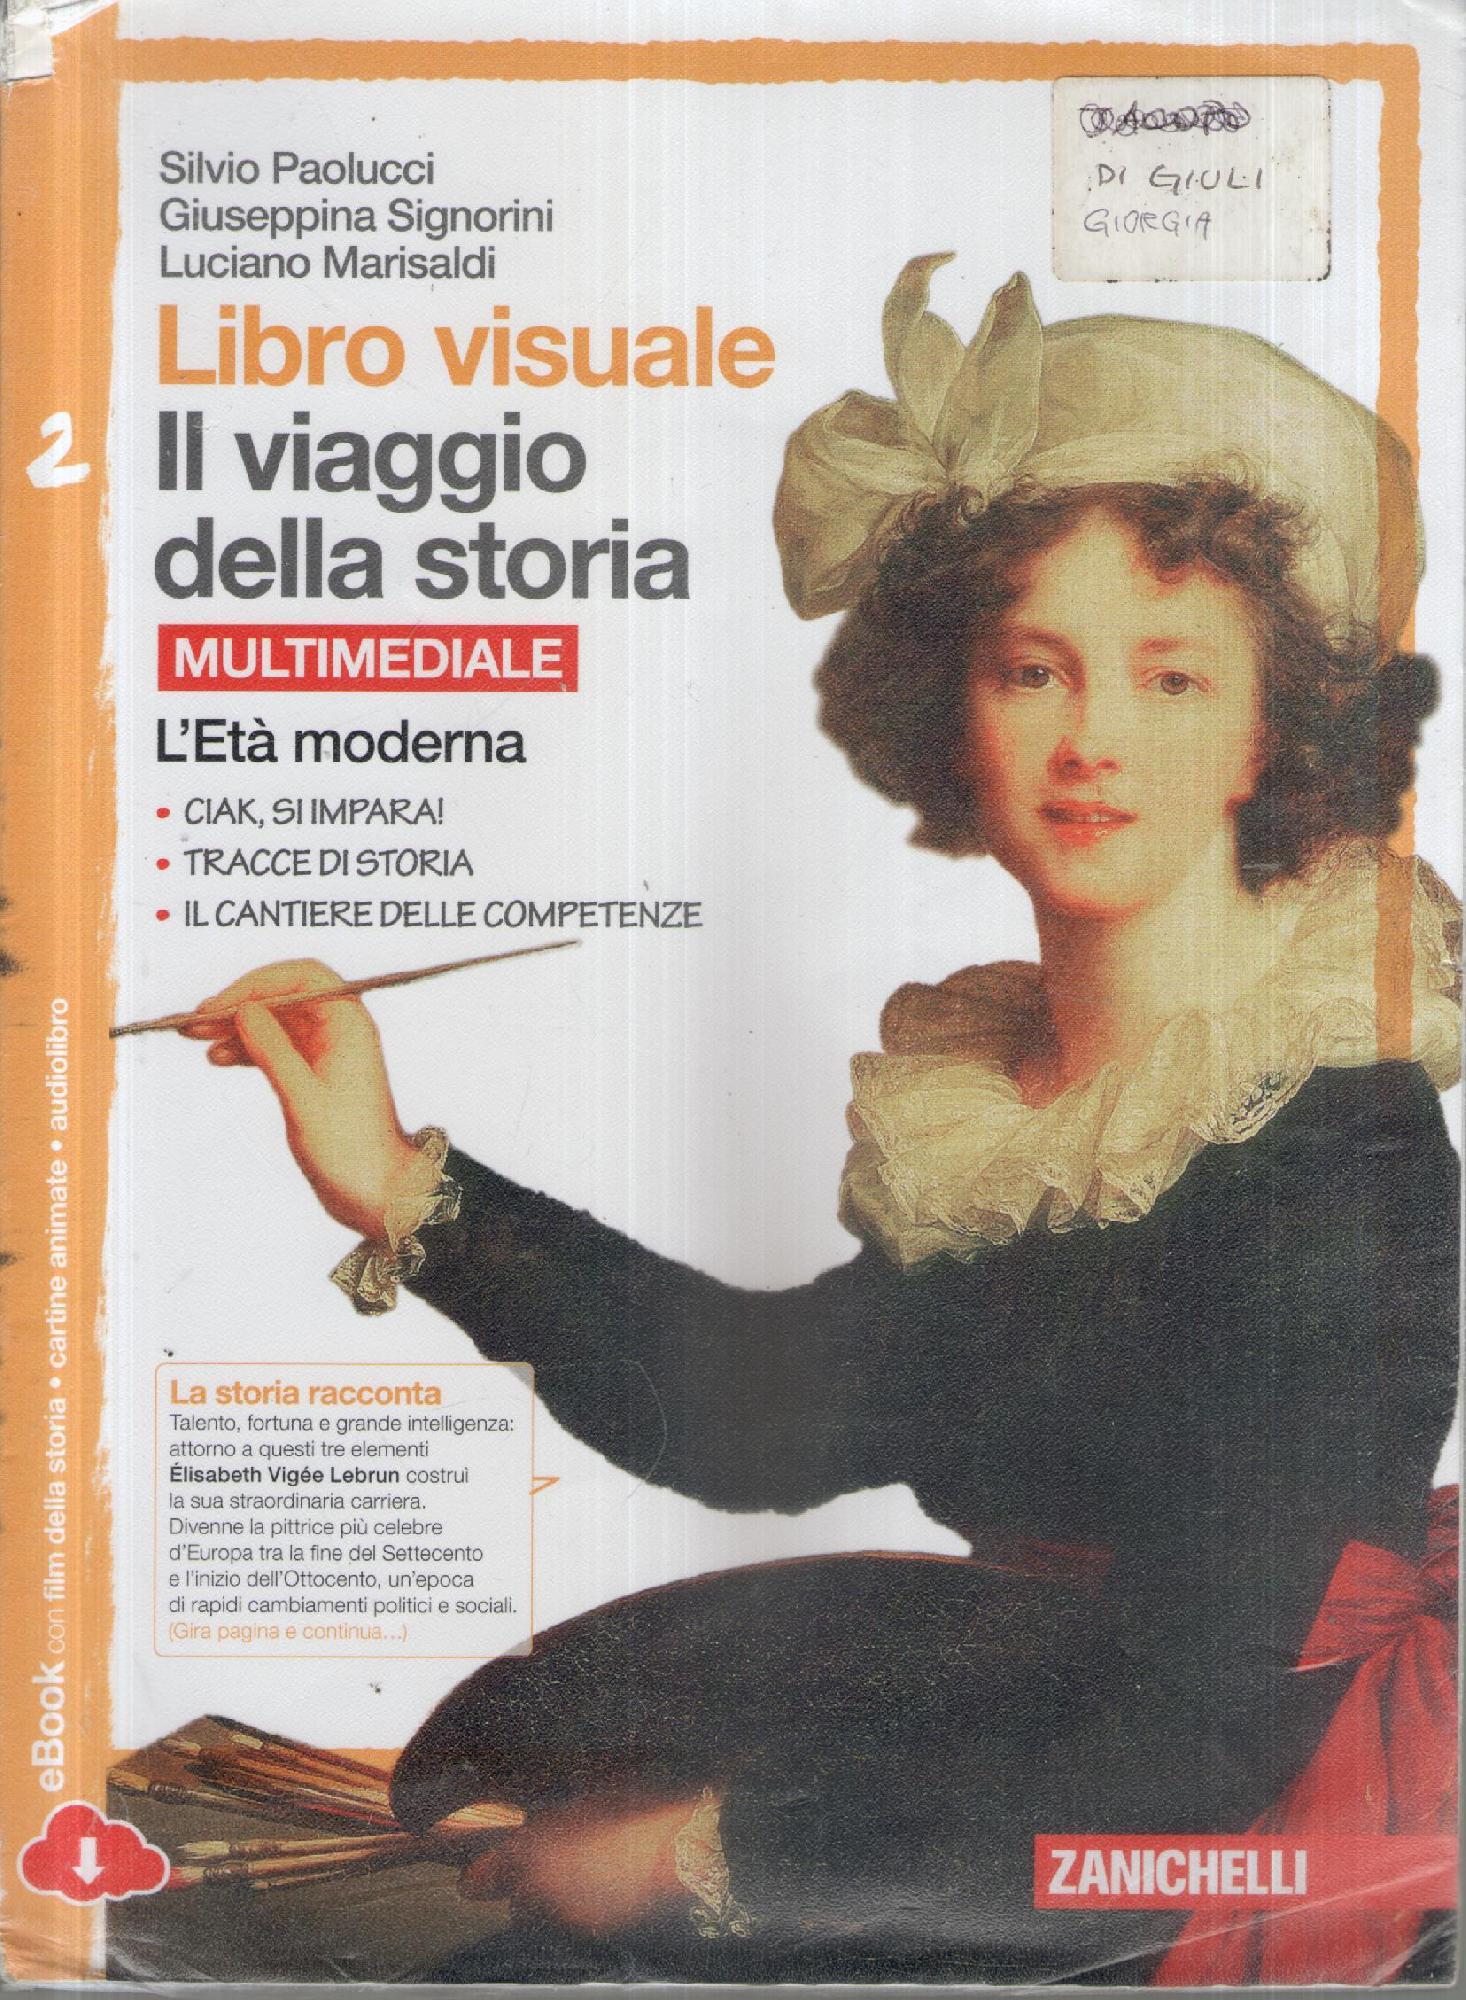 Il viaggio della storia 2 - L'età moderna. - S.Paolucci, G.Signorini, L.Marisaldi